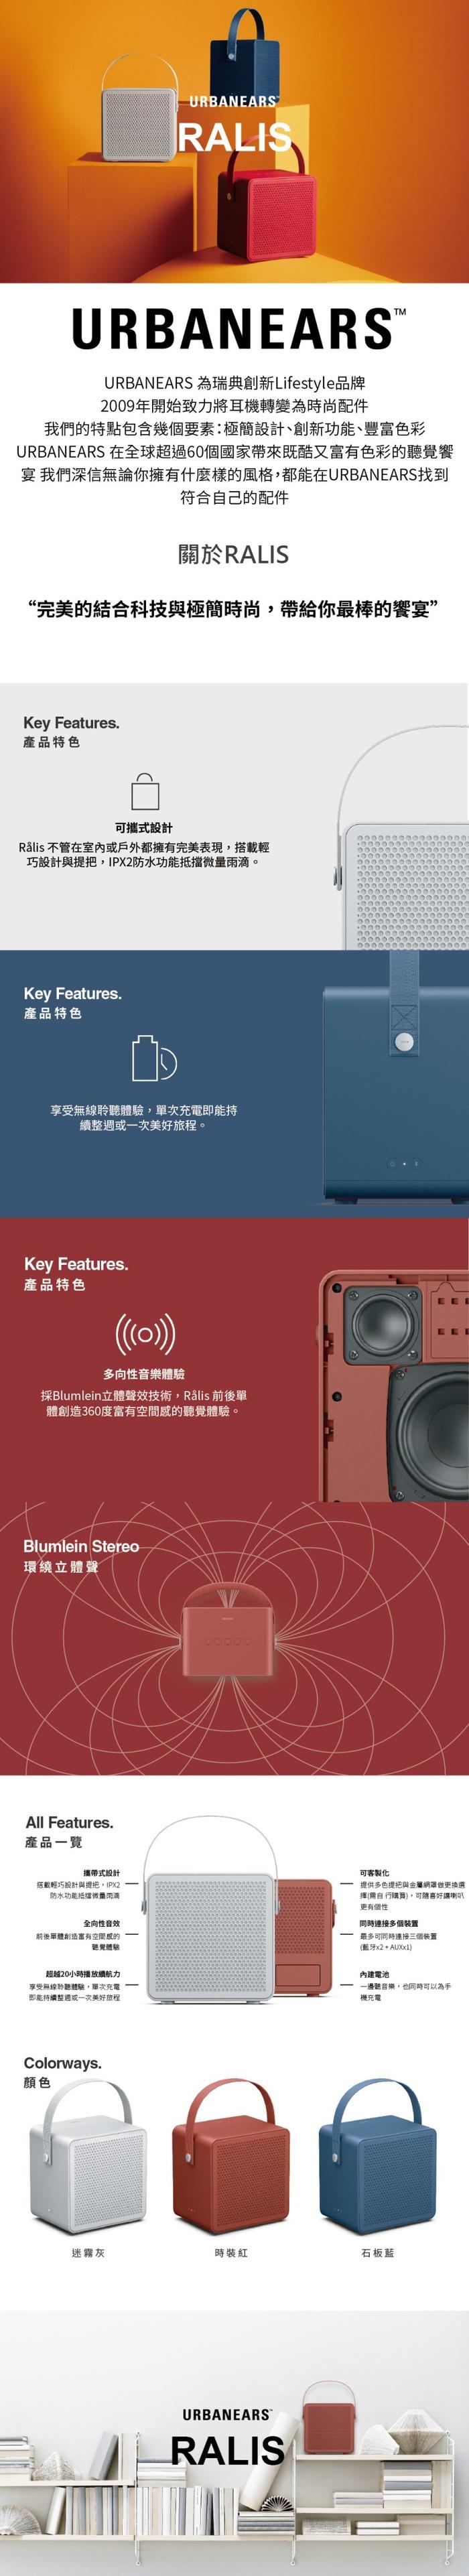 (複製)URBANEARS|JAKAN 藍牙耳塞式耳機(農野綠)